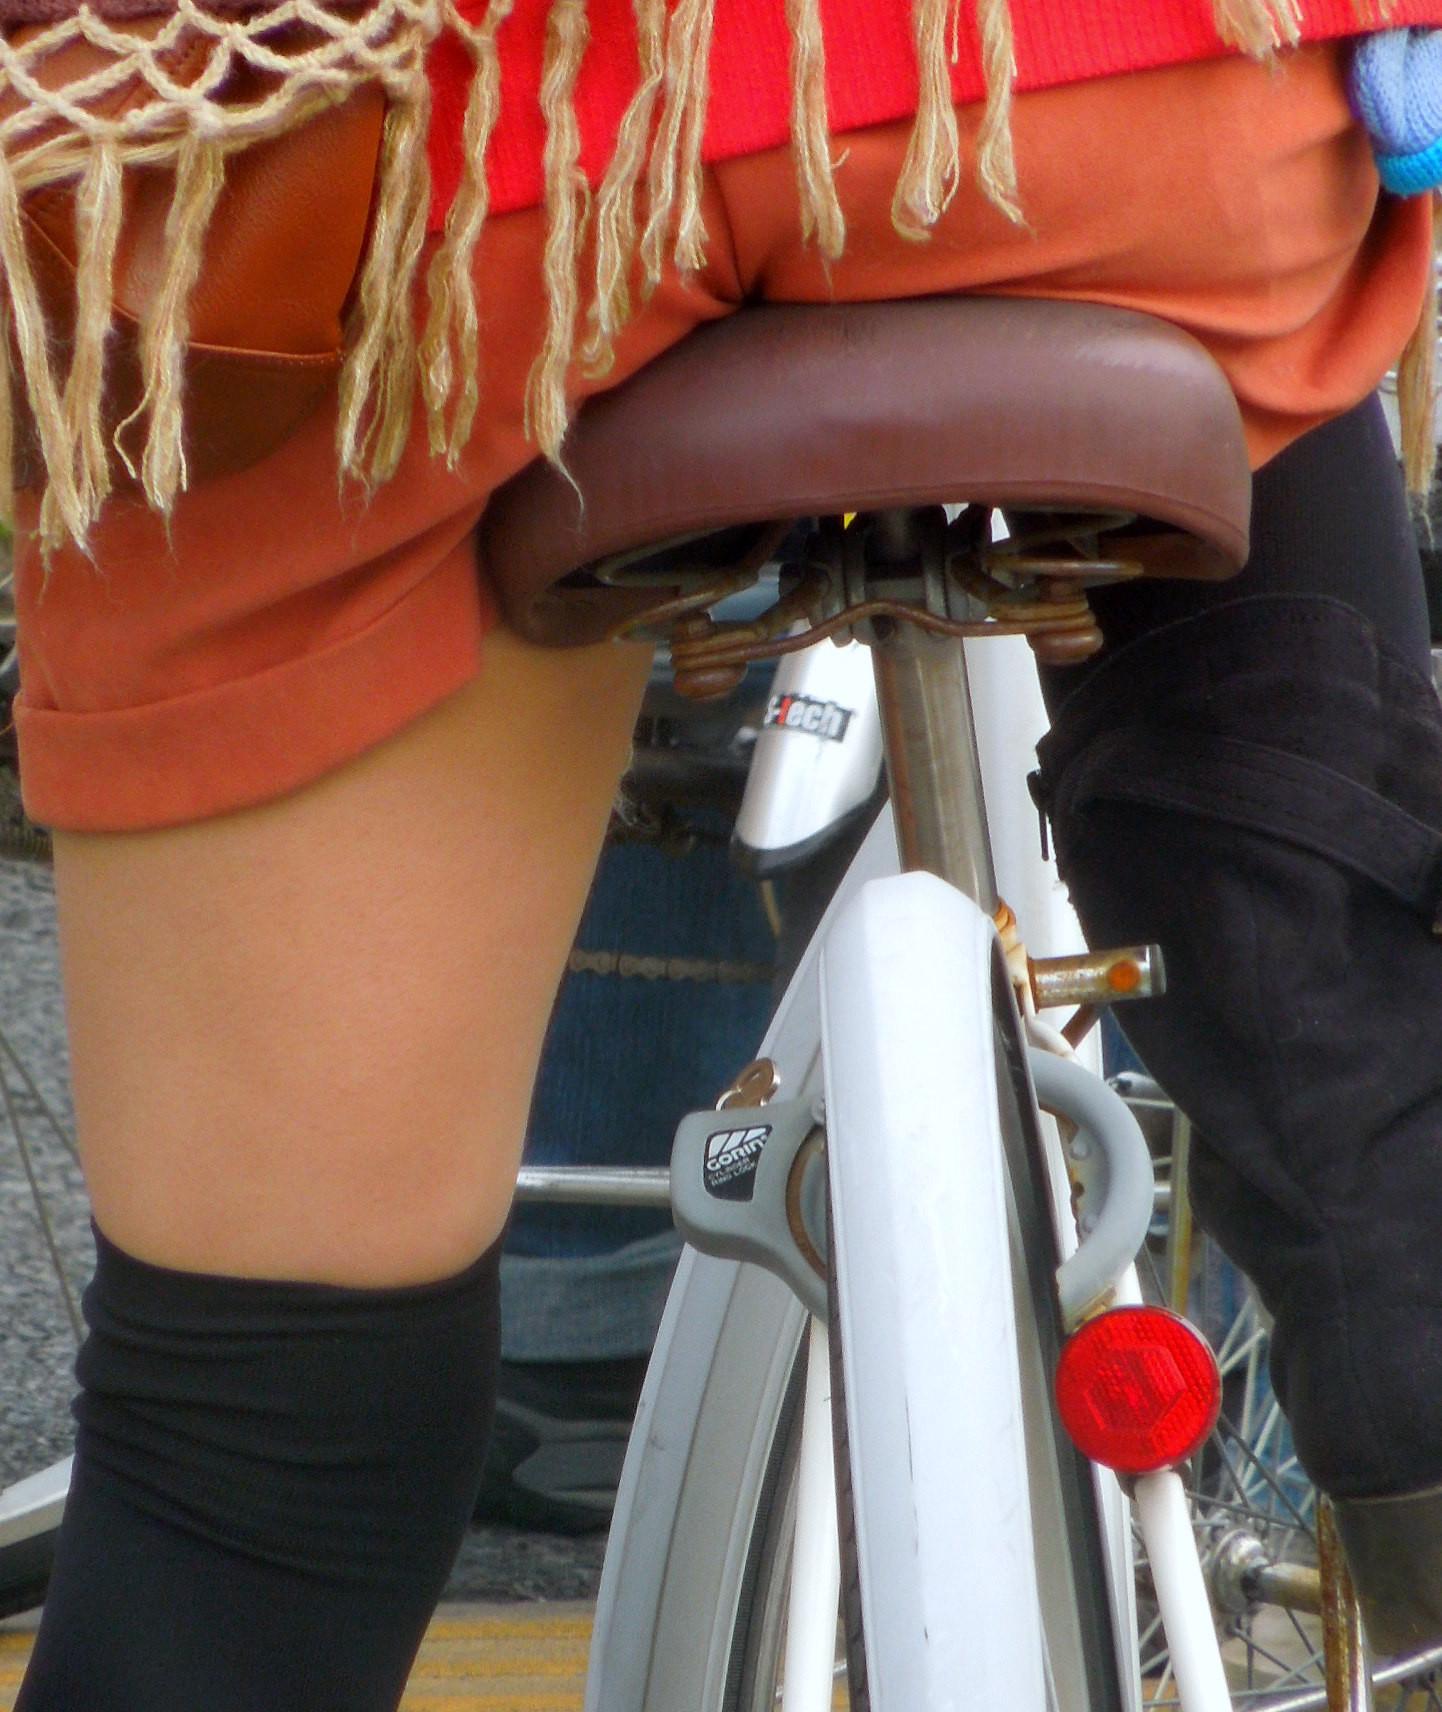 【自転車女子エロ画像】サドルになりたいのではなくチャリと立場変えてその尻乗せたいwww 09